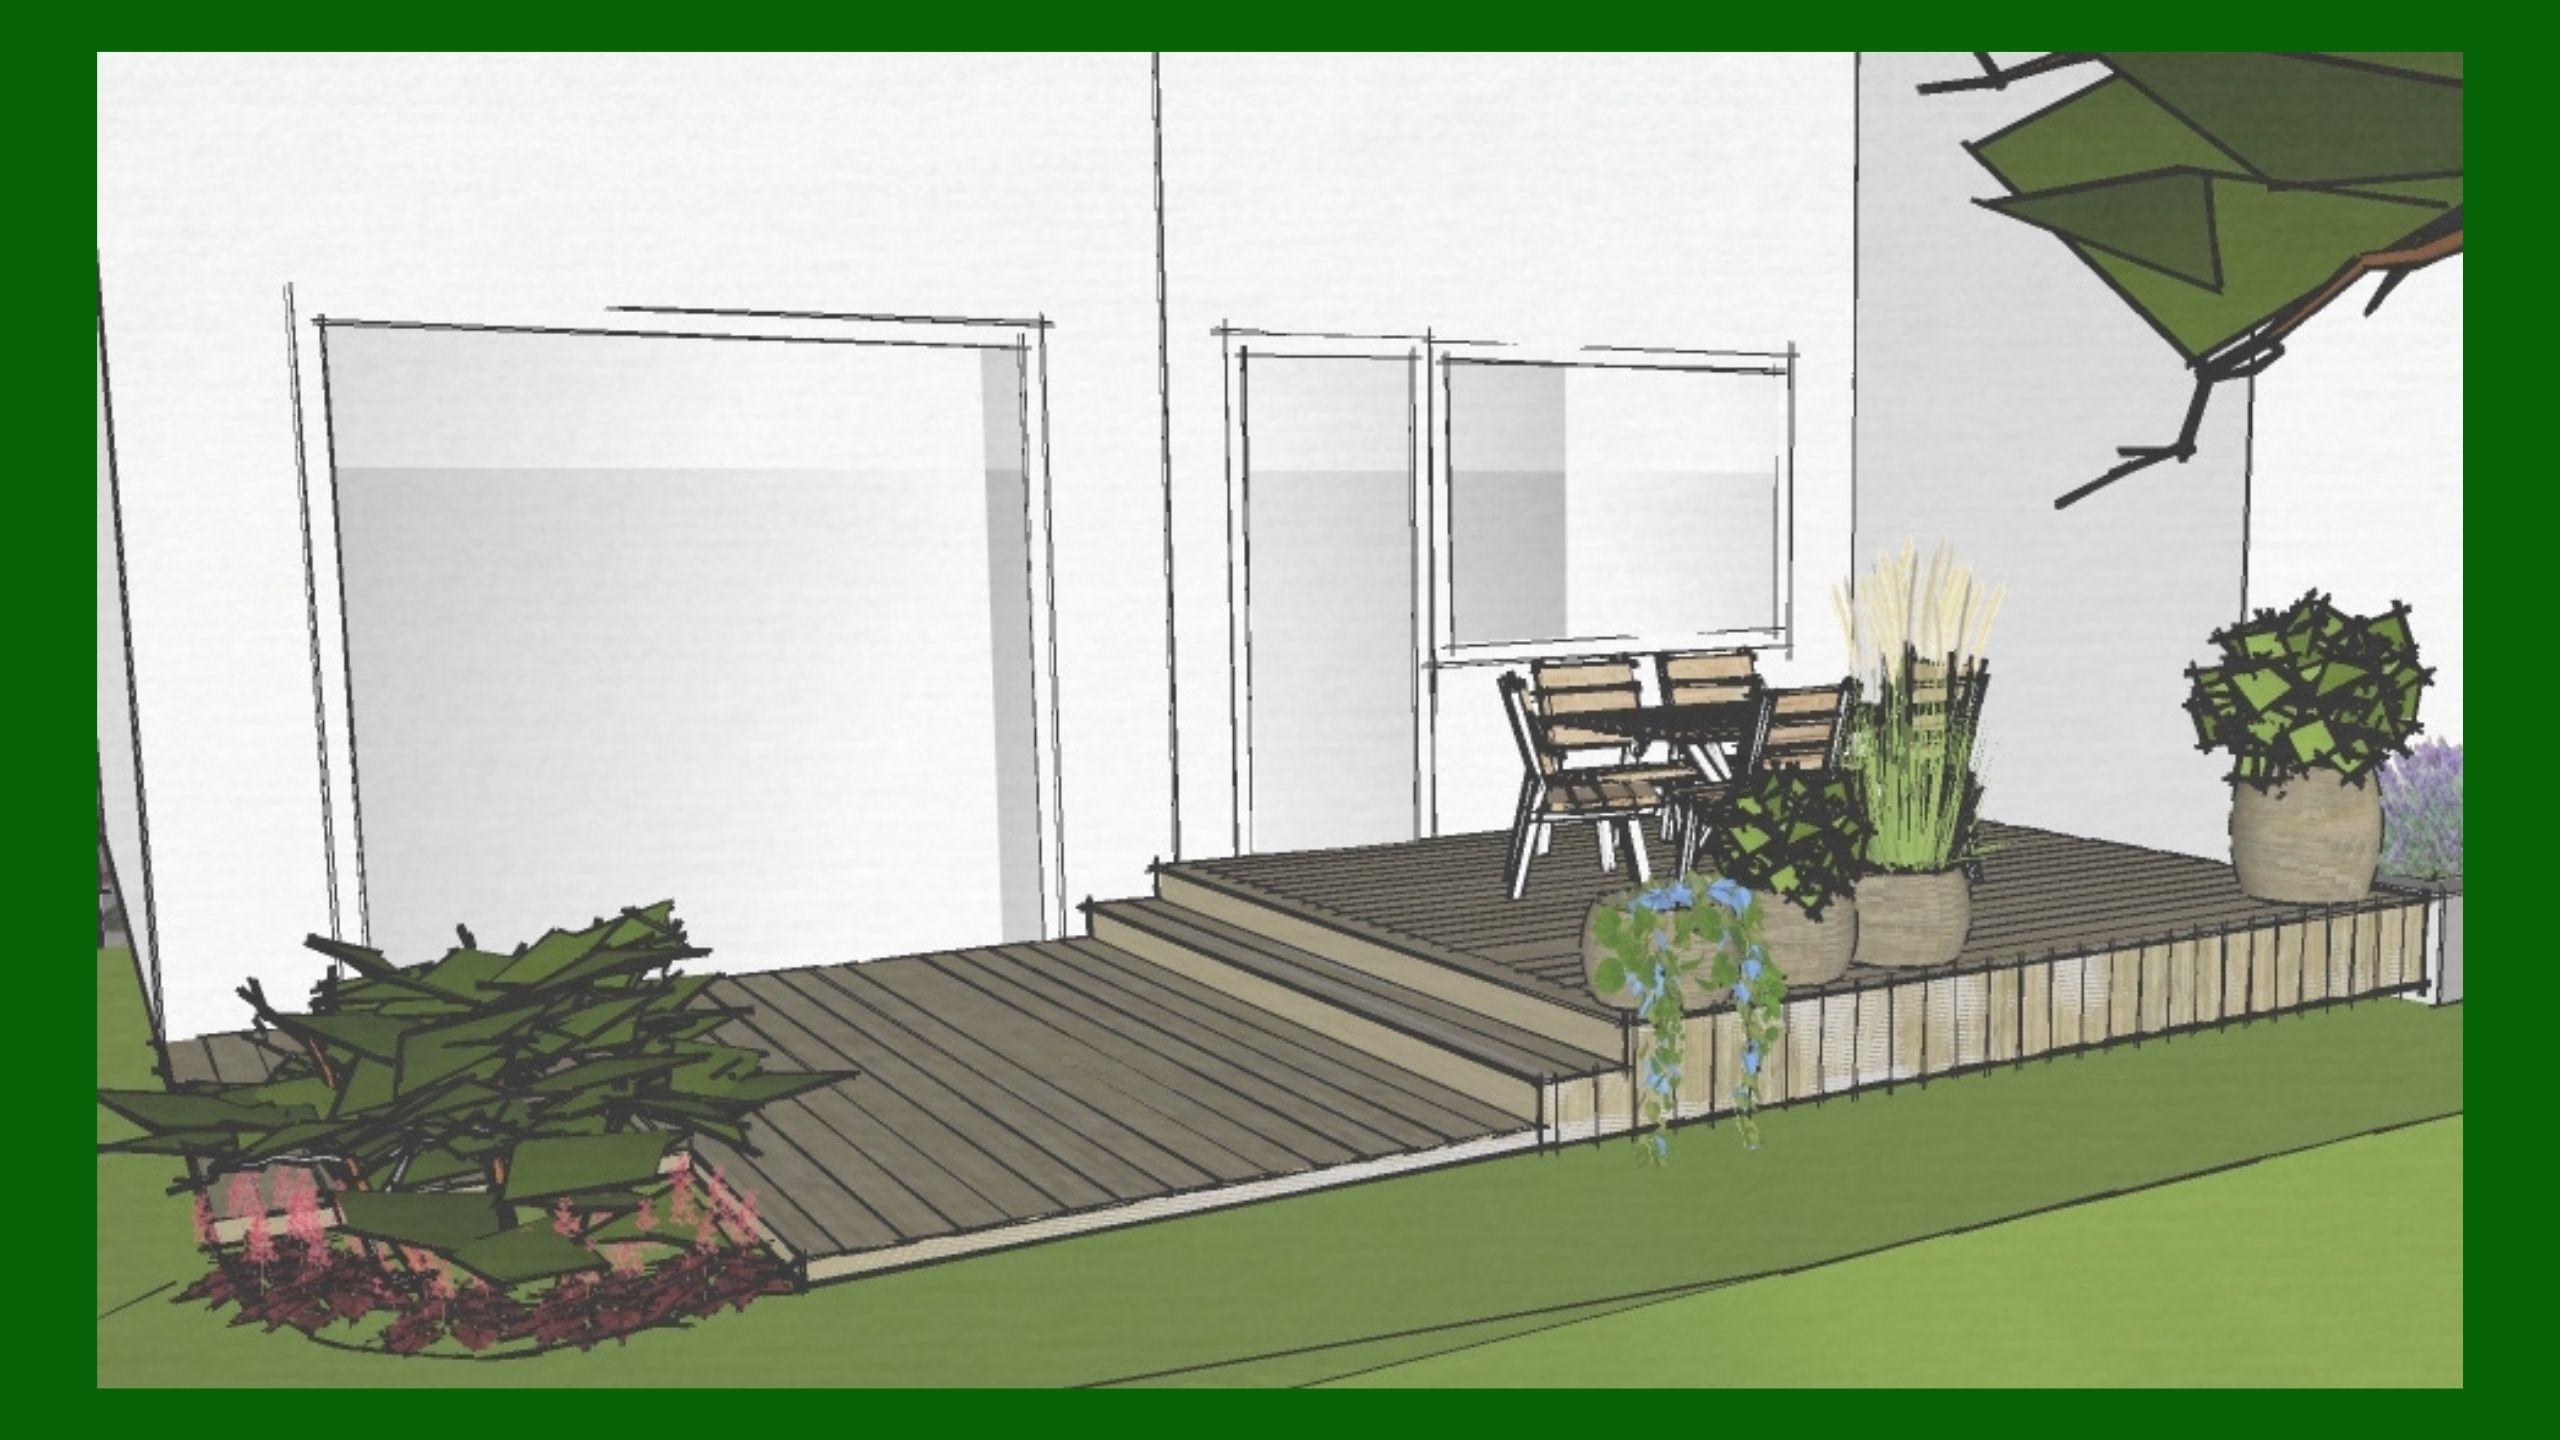 Gränsen mellan inne och ute suddas bort - man kommer ut till altanen direkt från köket. Detaljer från inomhus speglas utomhus. Detta gör det lättare att ta första steget ut i den harmoniska trädgården.